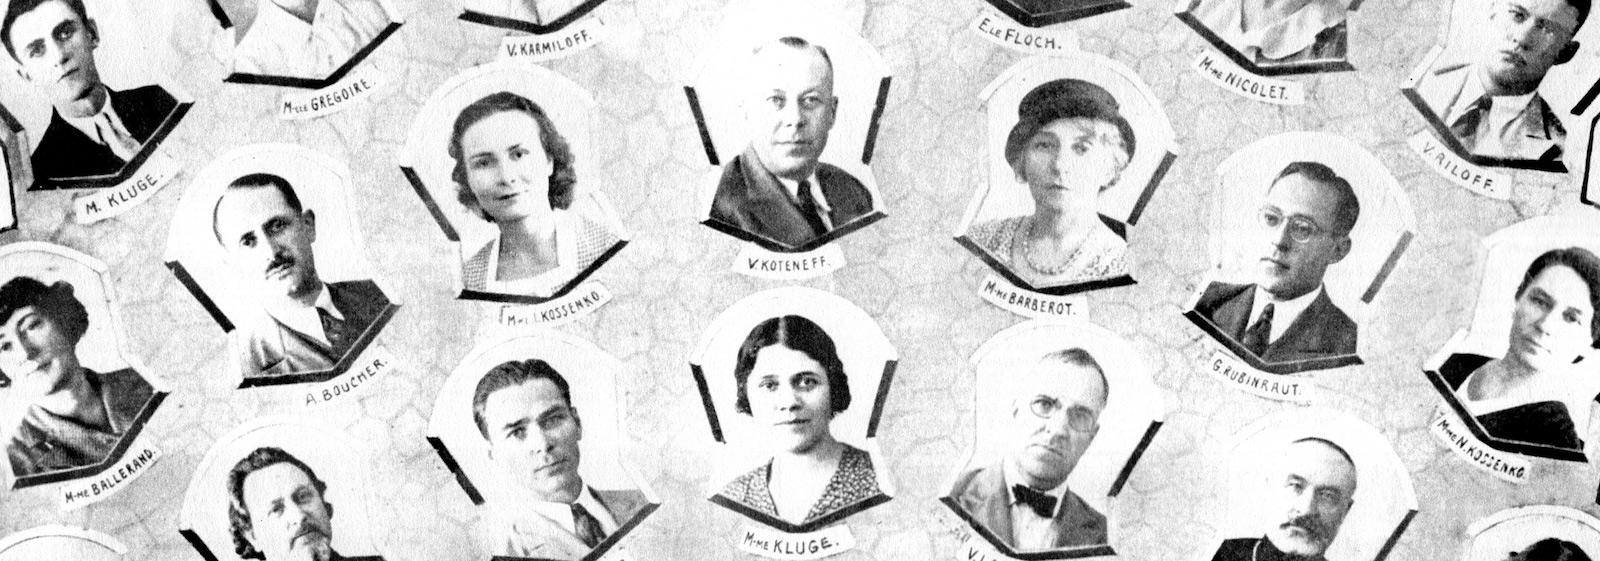 Портрет руководителей и преподавателей в 1934 году (с) В. Д. Жиганов Русские в Шанхае